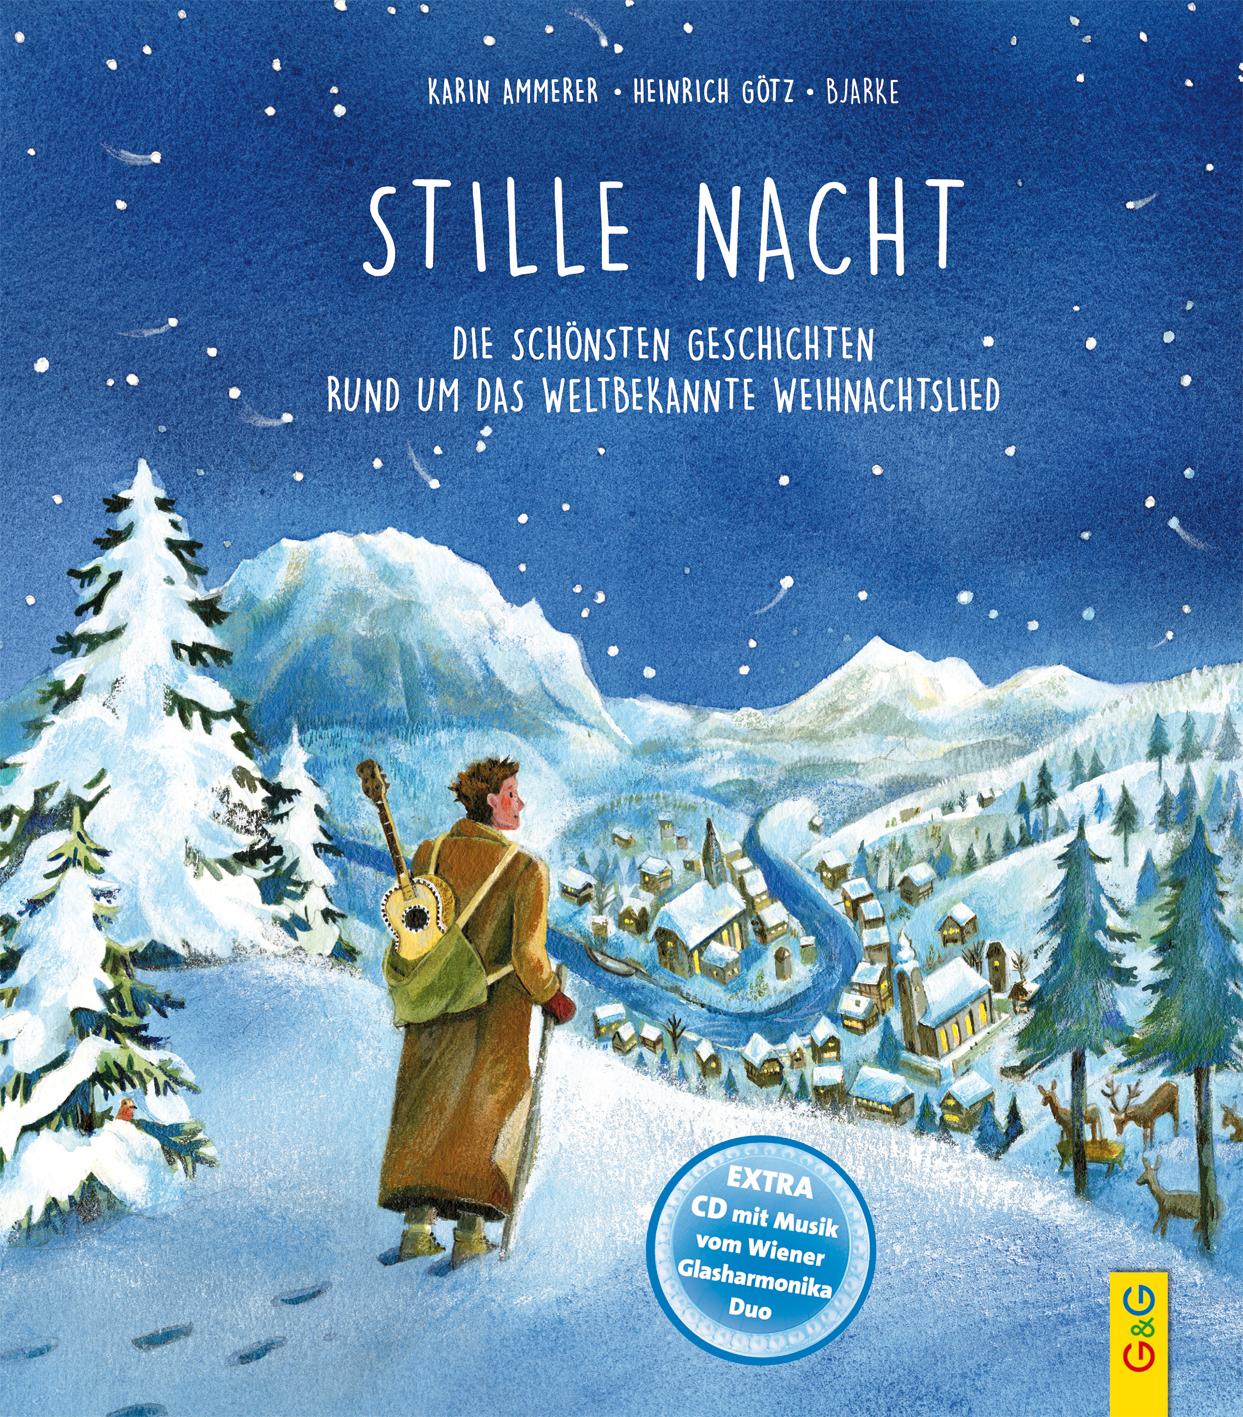 Stille Nacht – Die schönsten Geschichten rund um das weltbekannte ...